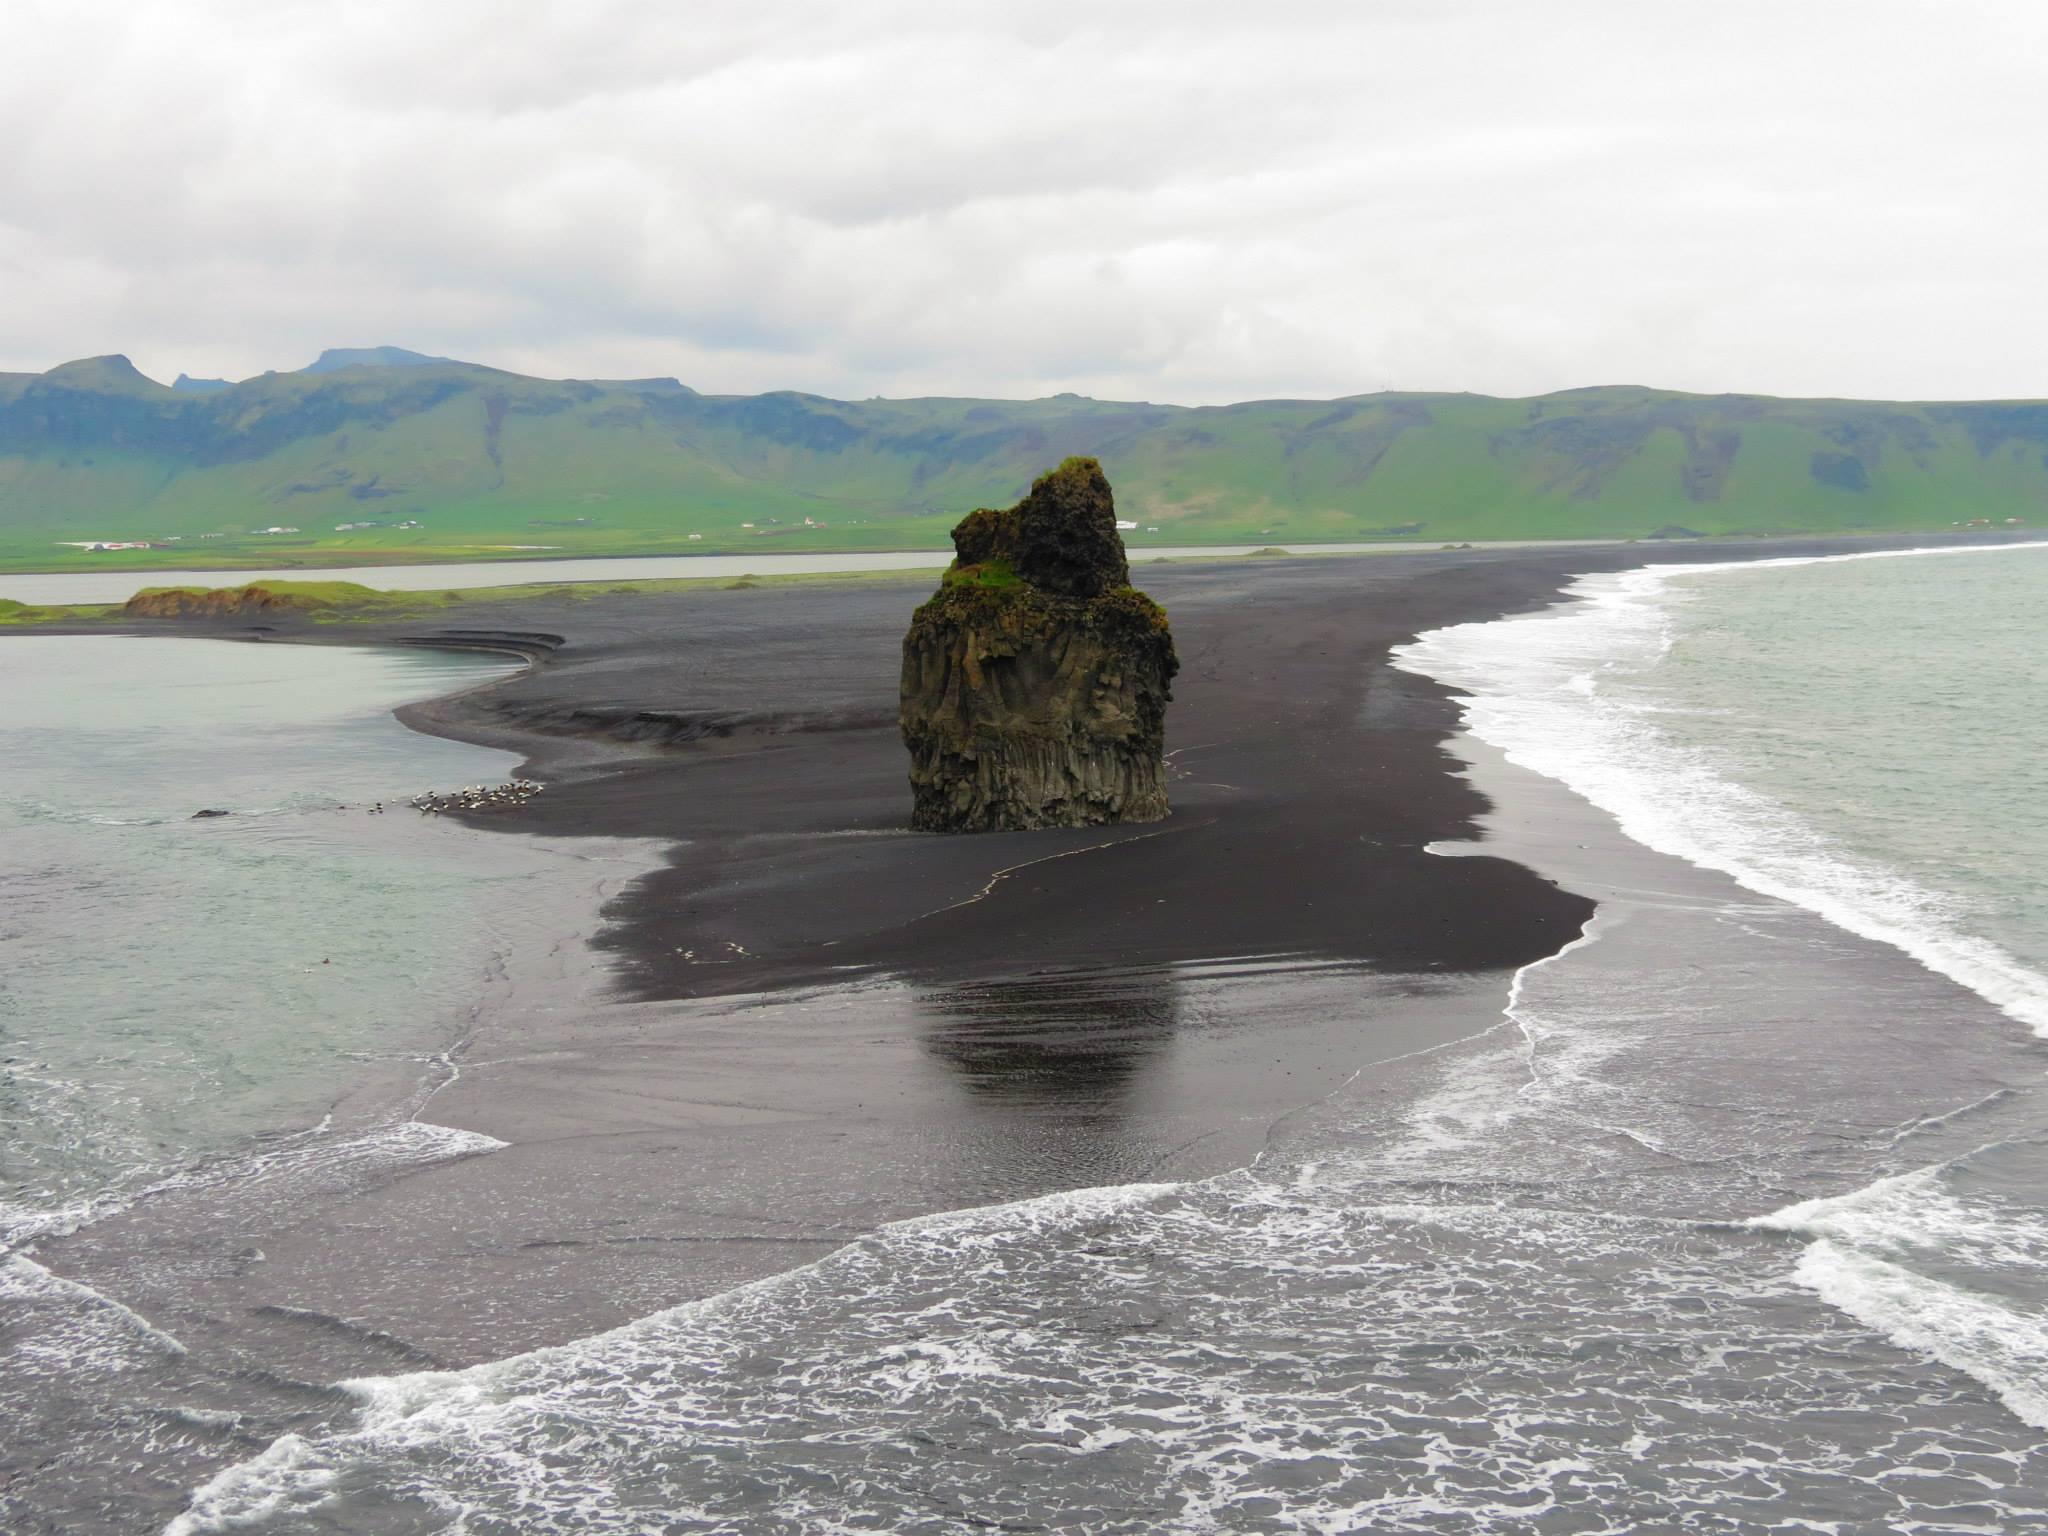 הטיול המקיף לאיסלנד - כולל שייט עם לווייתנים | 05.08 | 12 יום